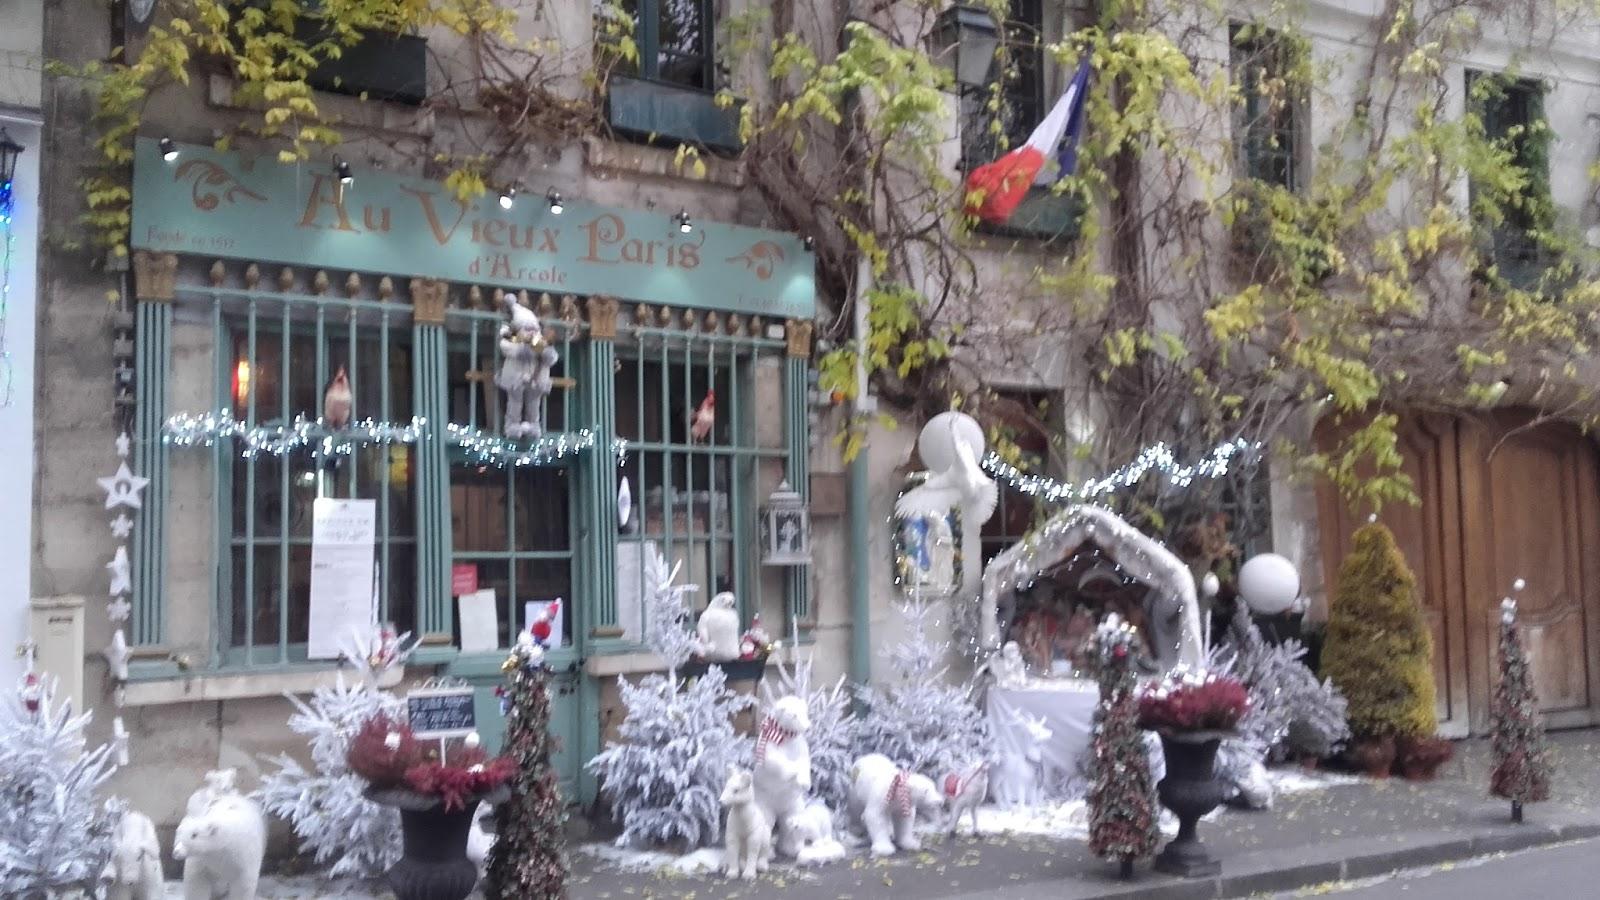 Positive eating living restaurant au vieux paris